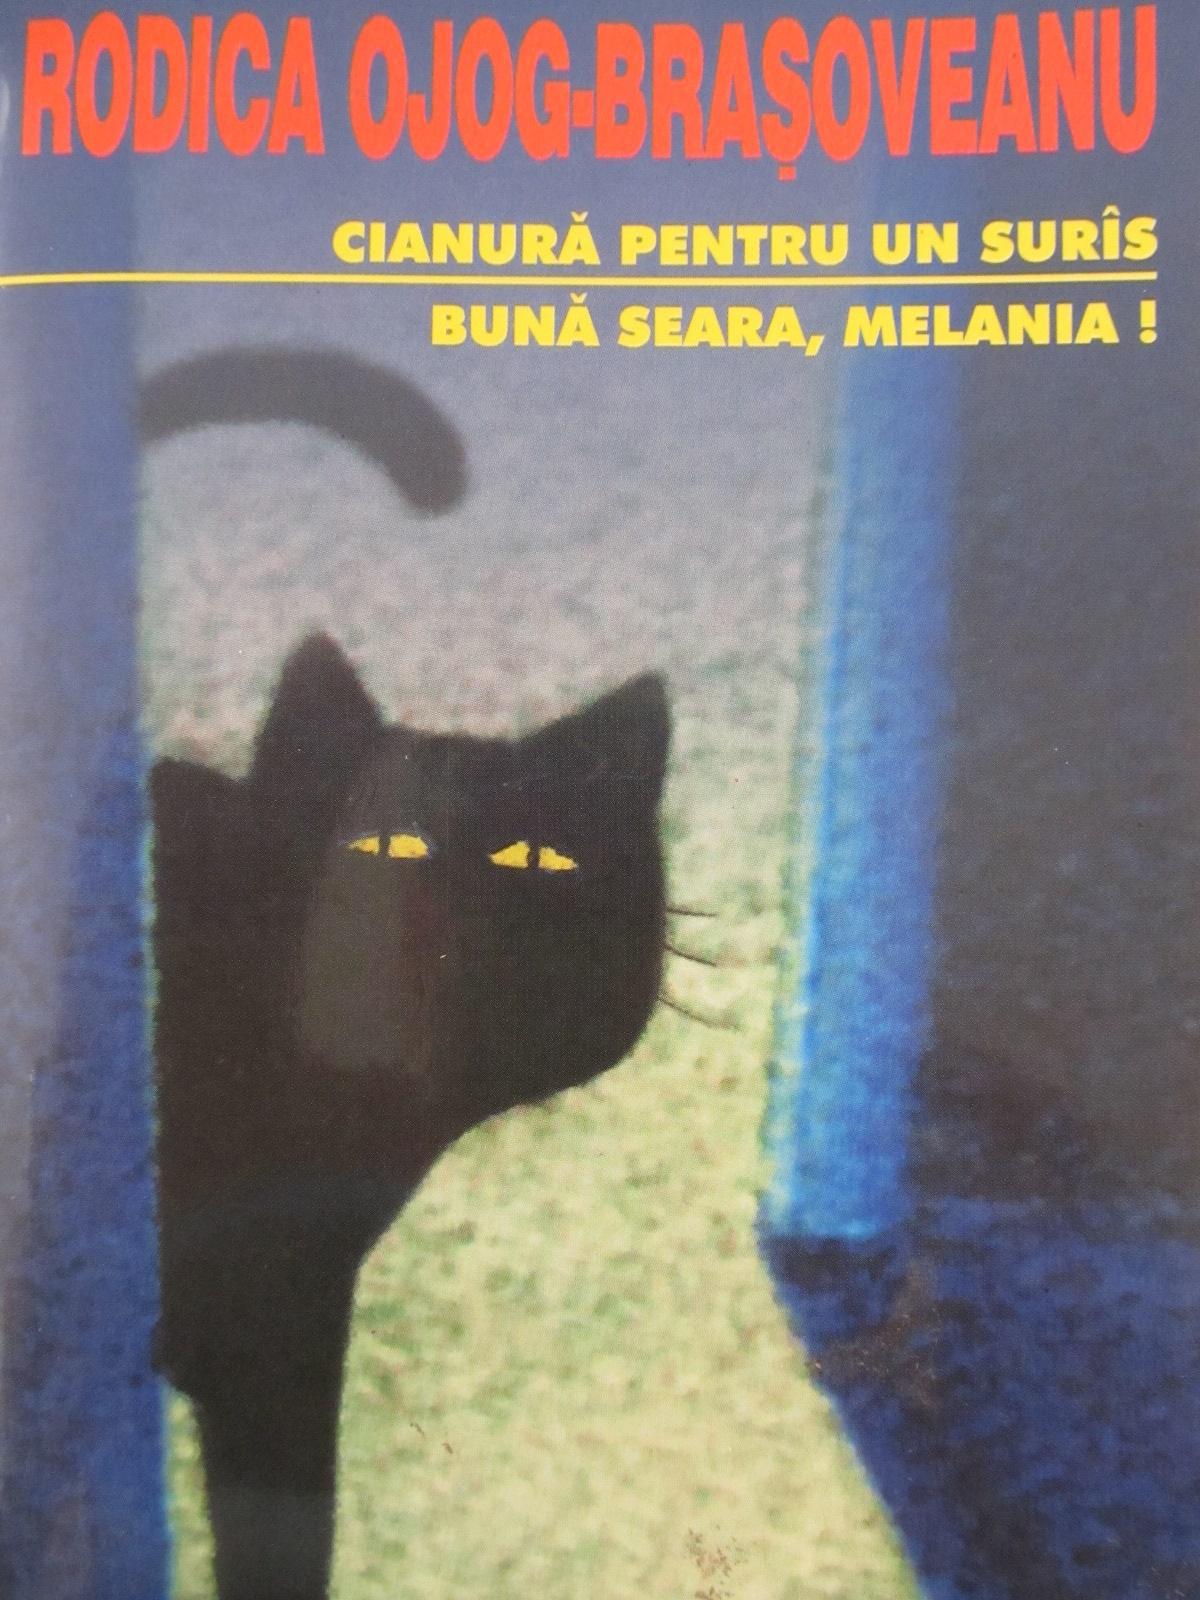 Cianura pentru un suras. Buna seara , Melania [1] - Rodica Ojog Brasoveanu | Detalii carte